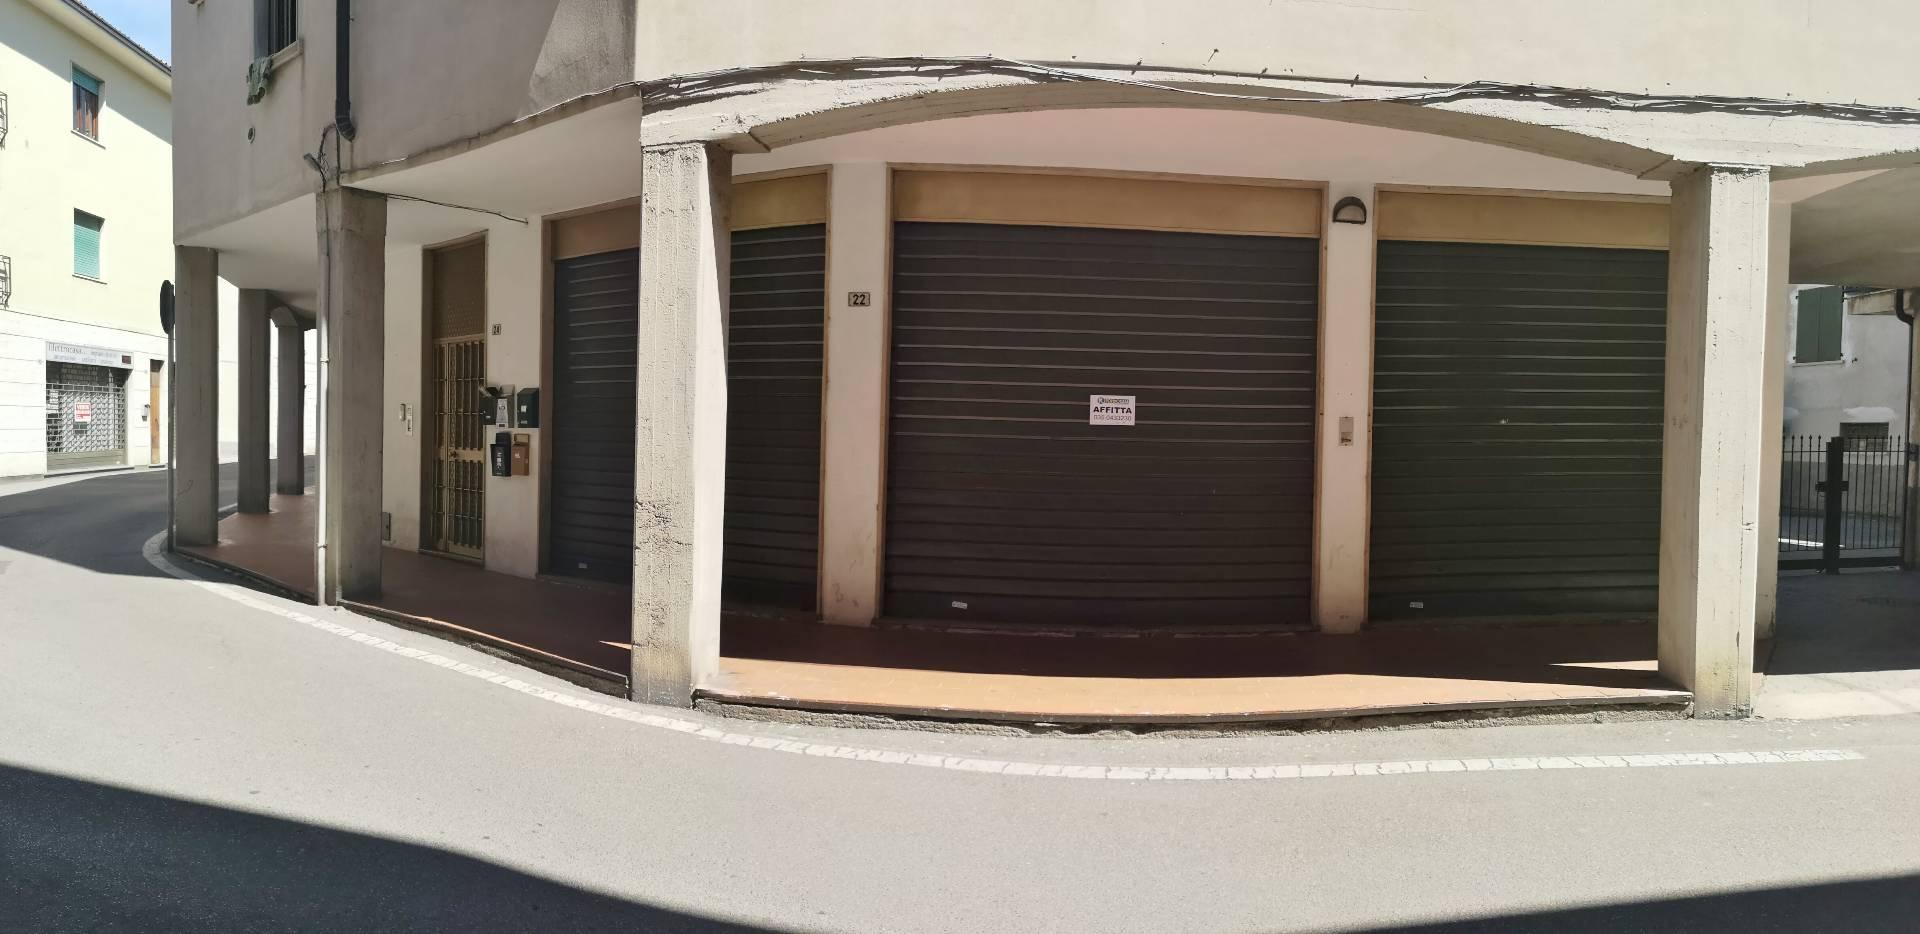 Negozio / Locale in affitto a Spirano, 9999 locali, prezzo € 350 | CambioCasa.it